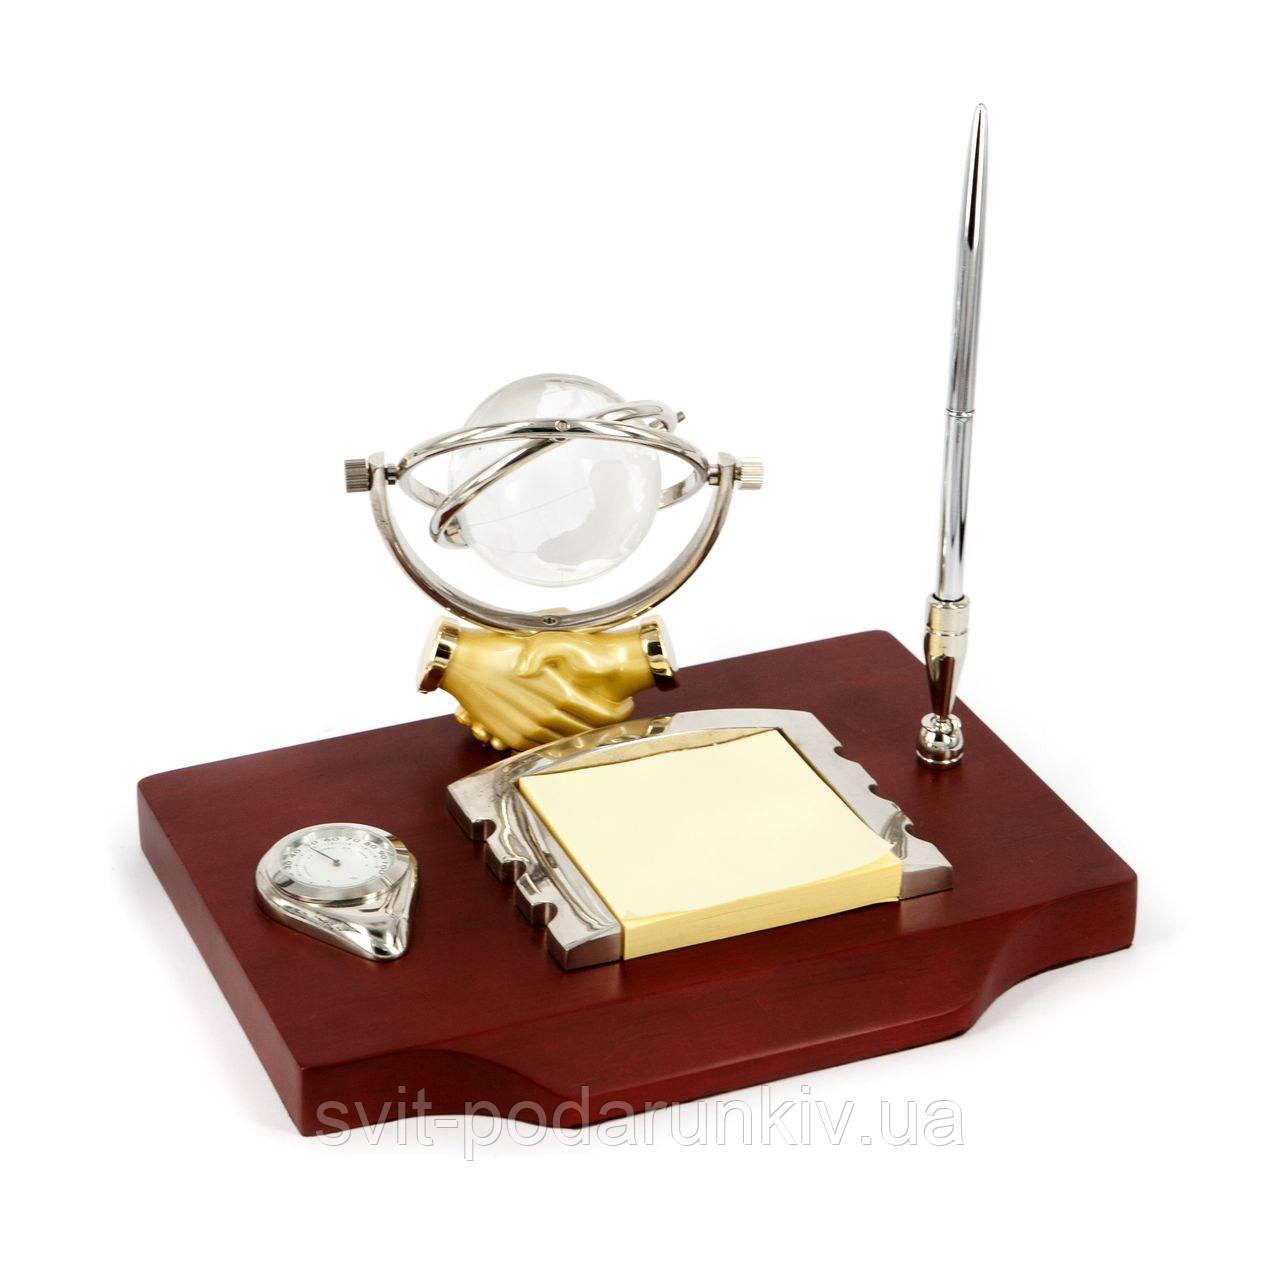 Письменный настольный набор глобус с часами CAS2225